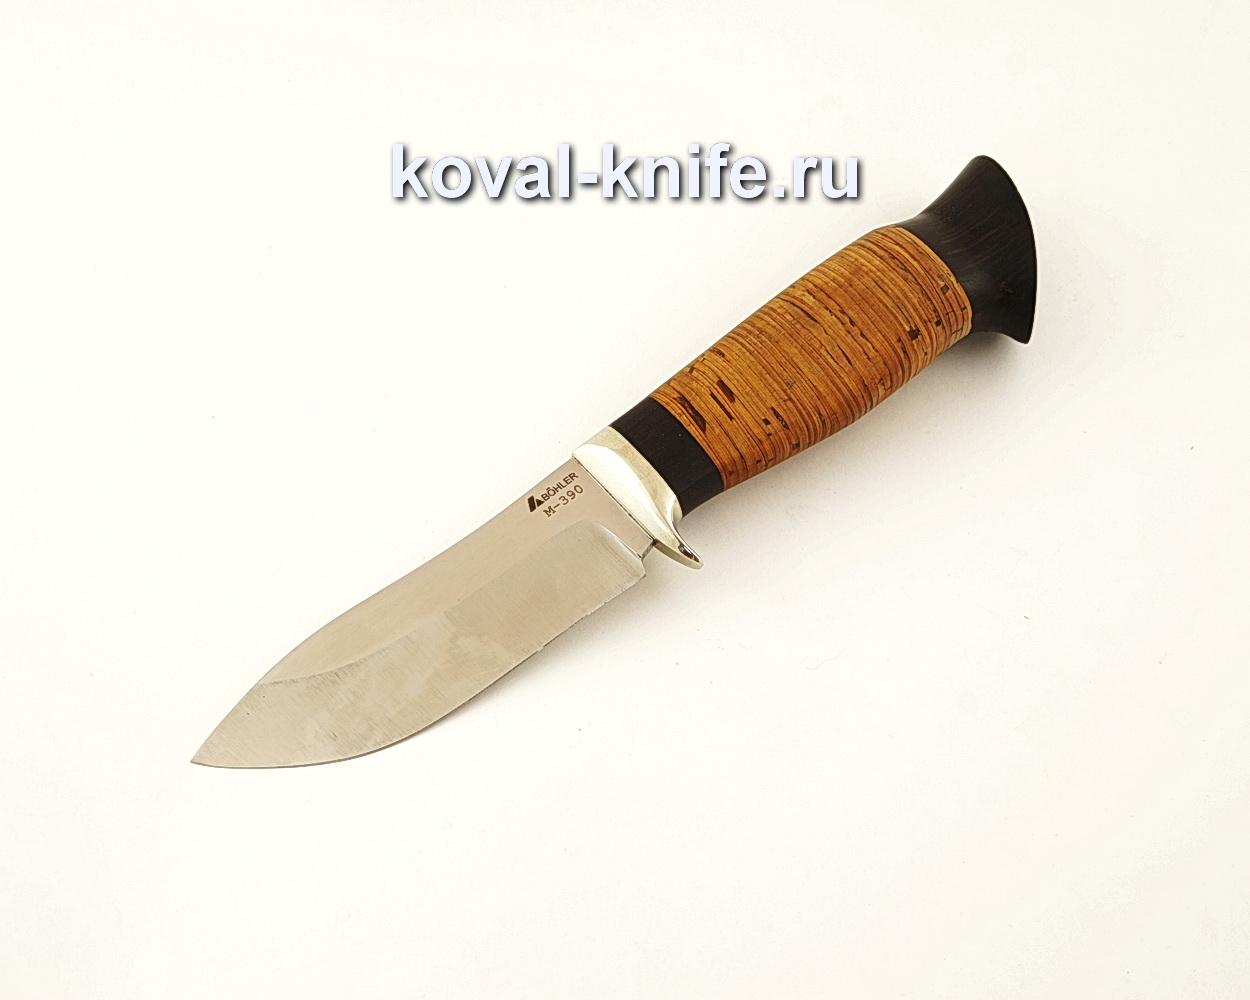 Нож Кабан из порошковой стали М390 с рукоятью из бересты  A627